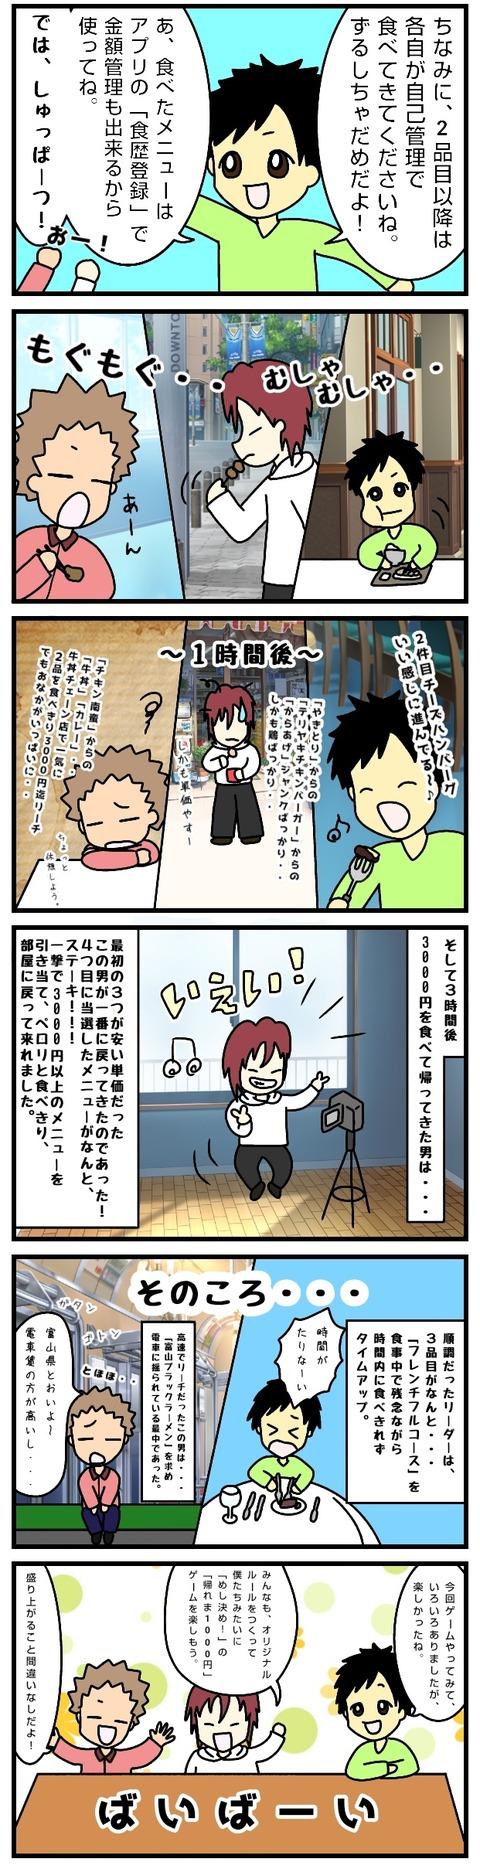 帰れま1000円 マンガ②